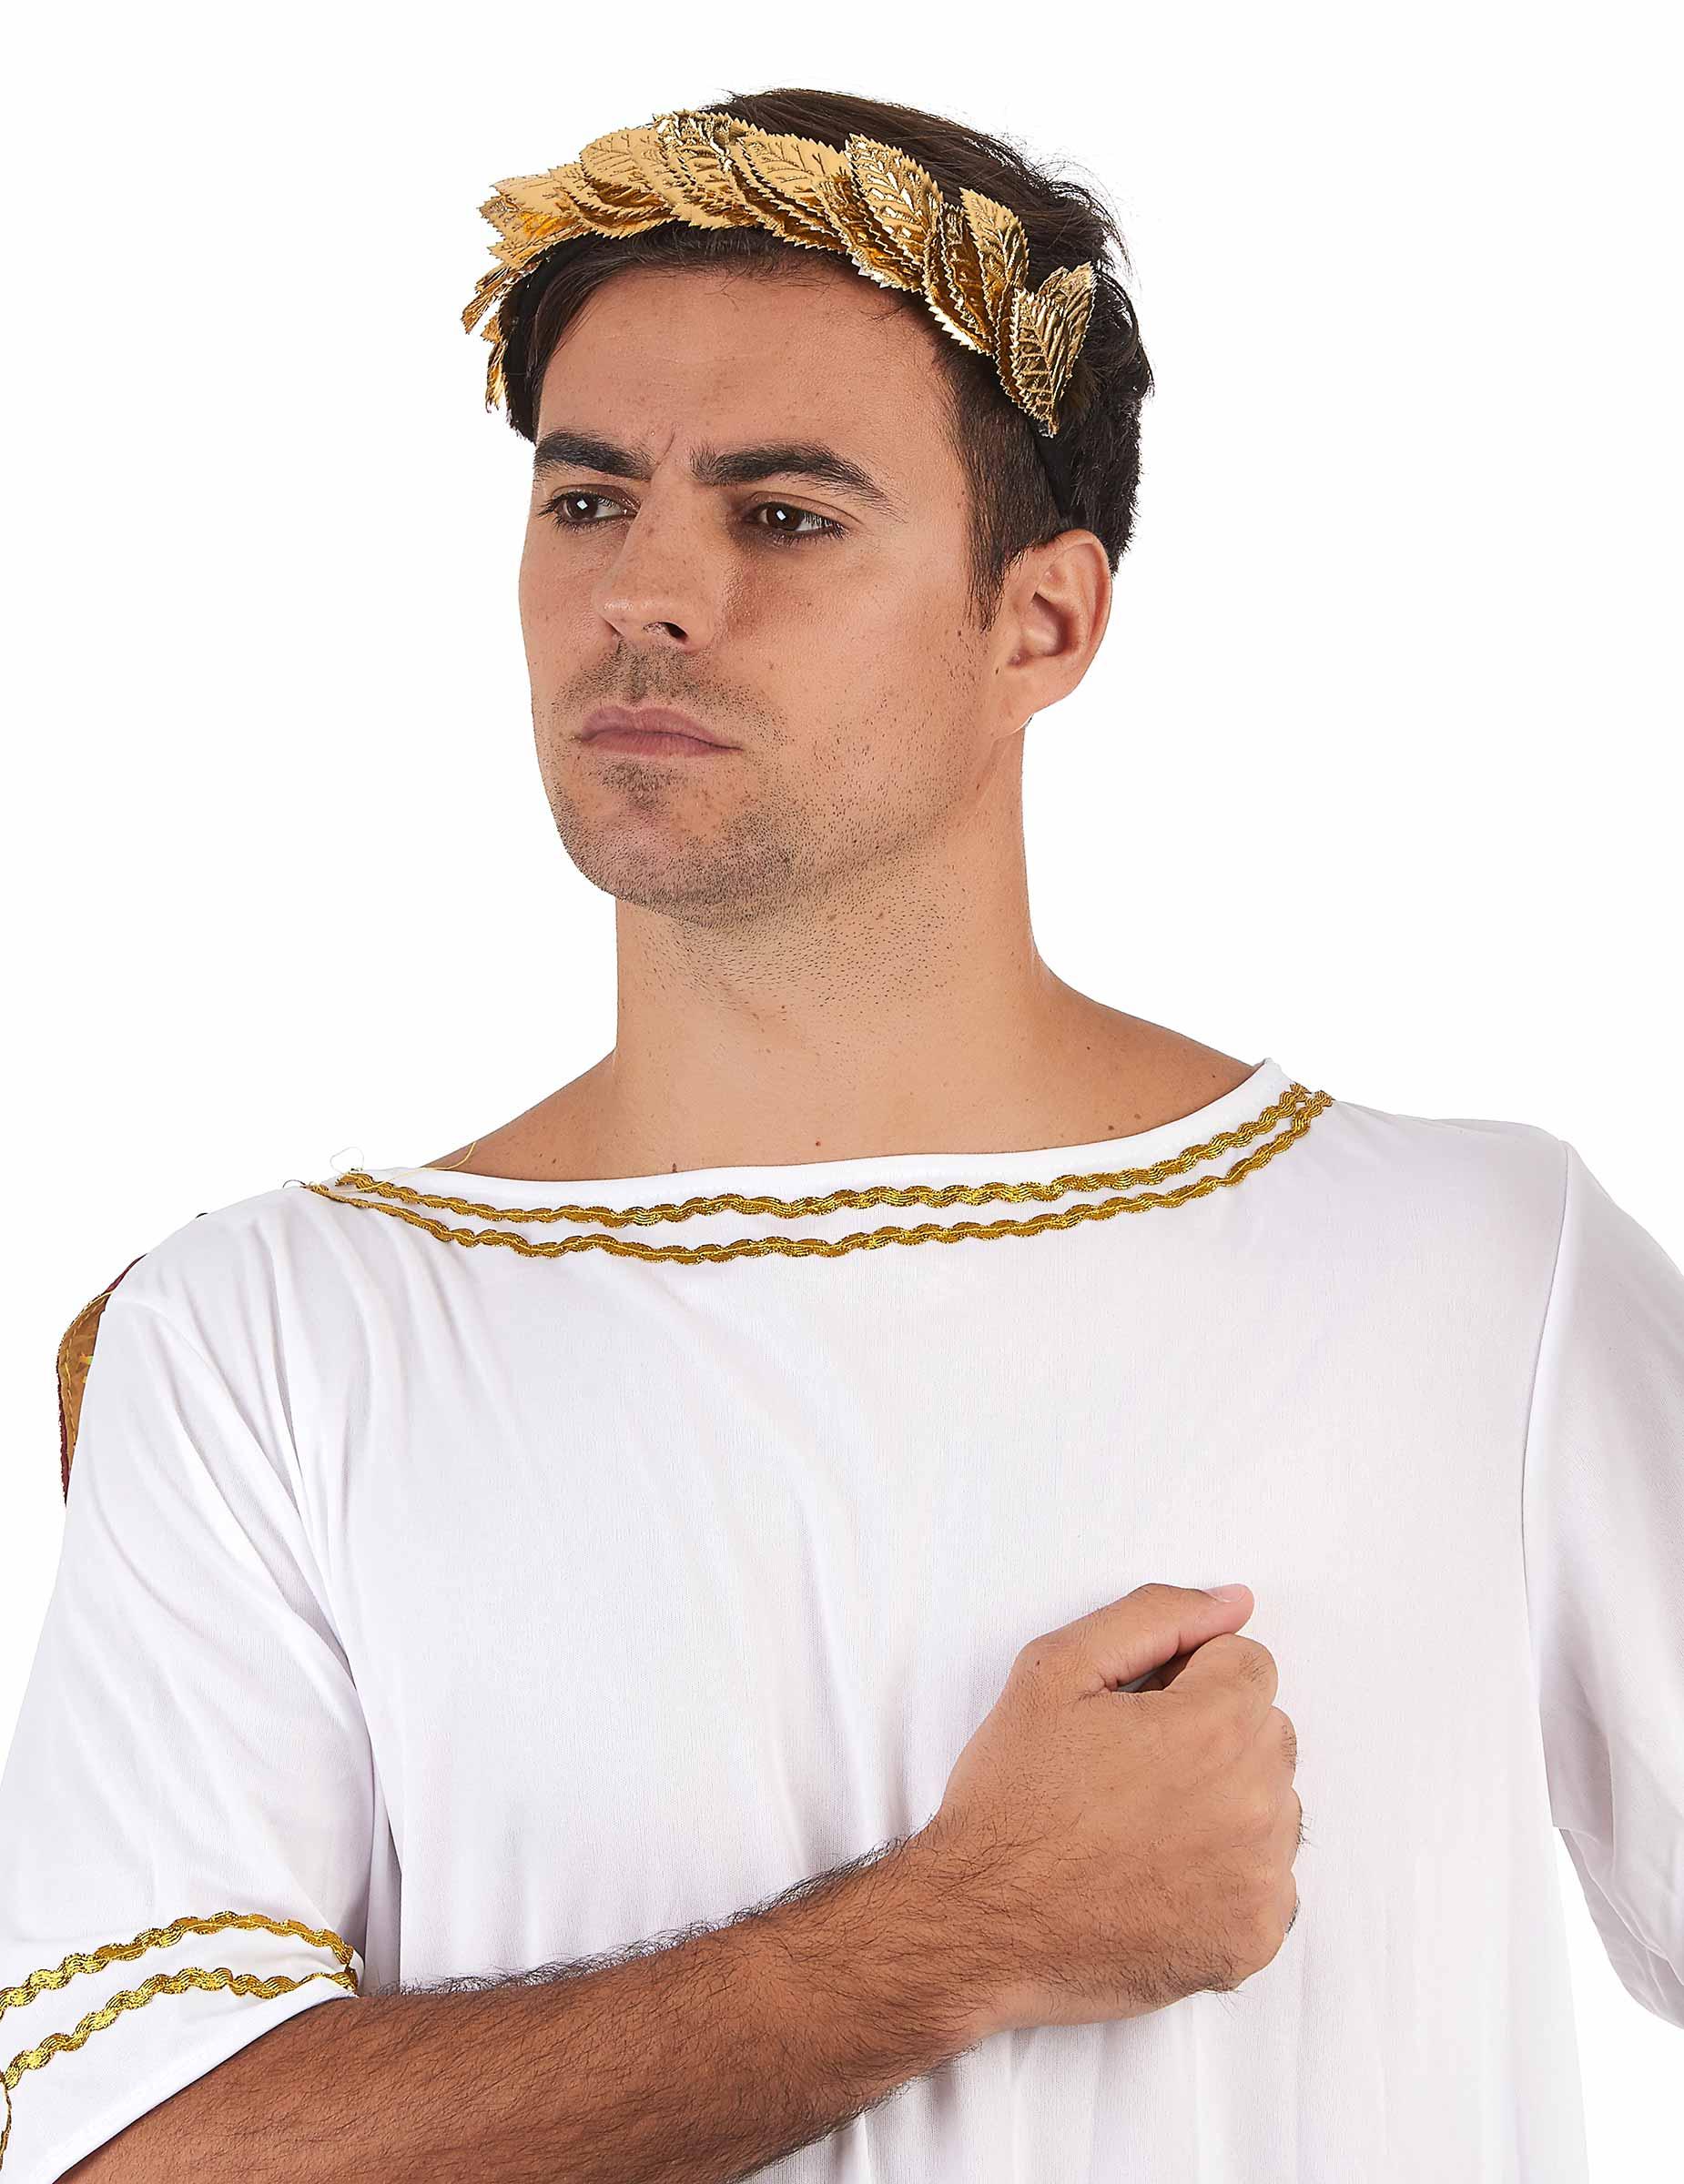 e80c37371 Tiara coroa de folha de loro dourada - adulto: Acessórios ...